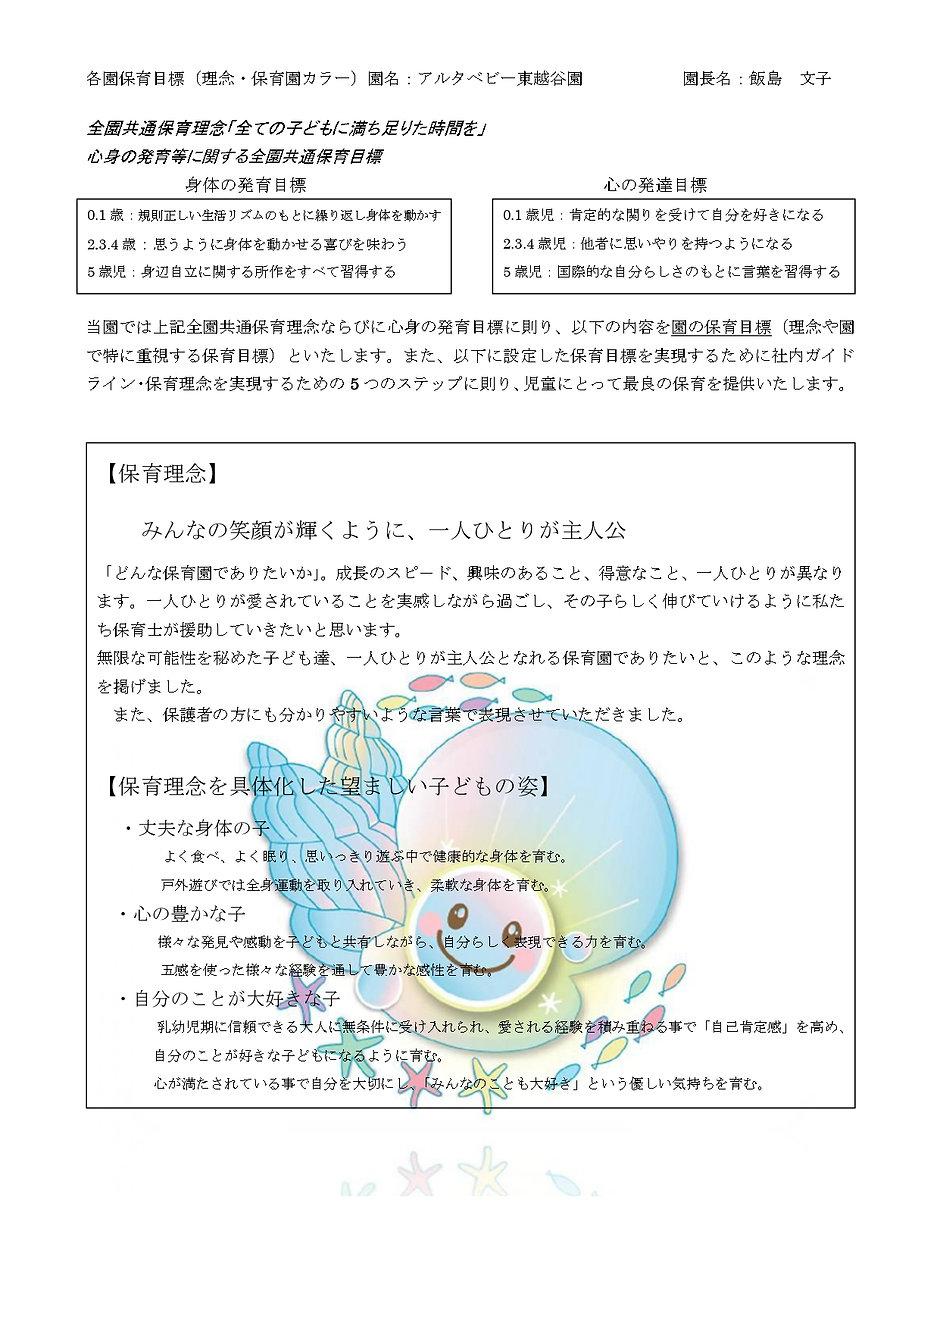 アルタベビー東越谷園_page-0001.jpg